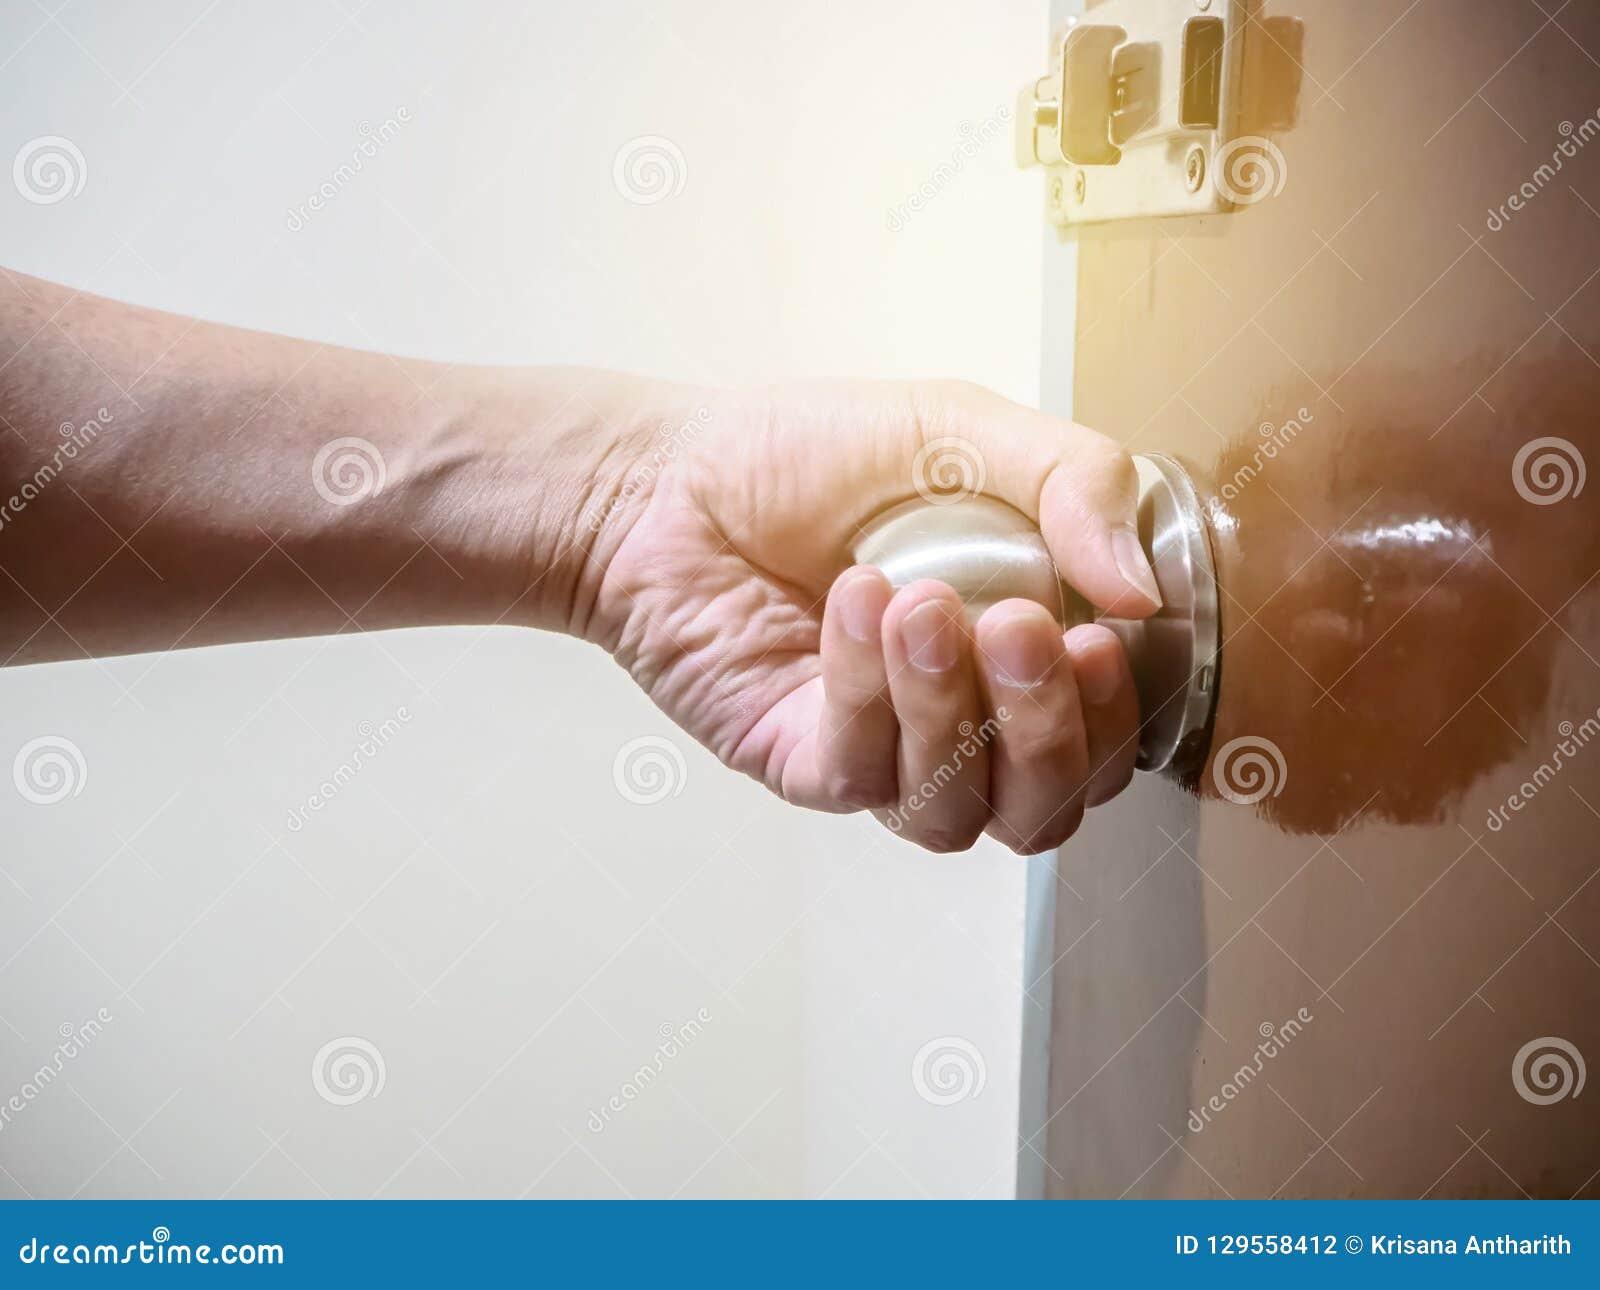 Feche acima da mão que guarda um botão de porta, abrindo ou fechando o doo